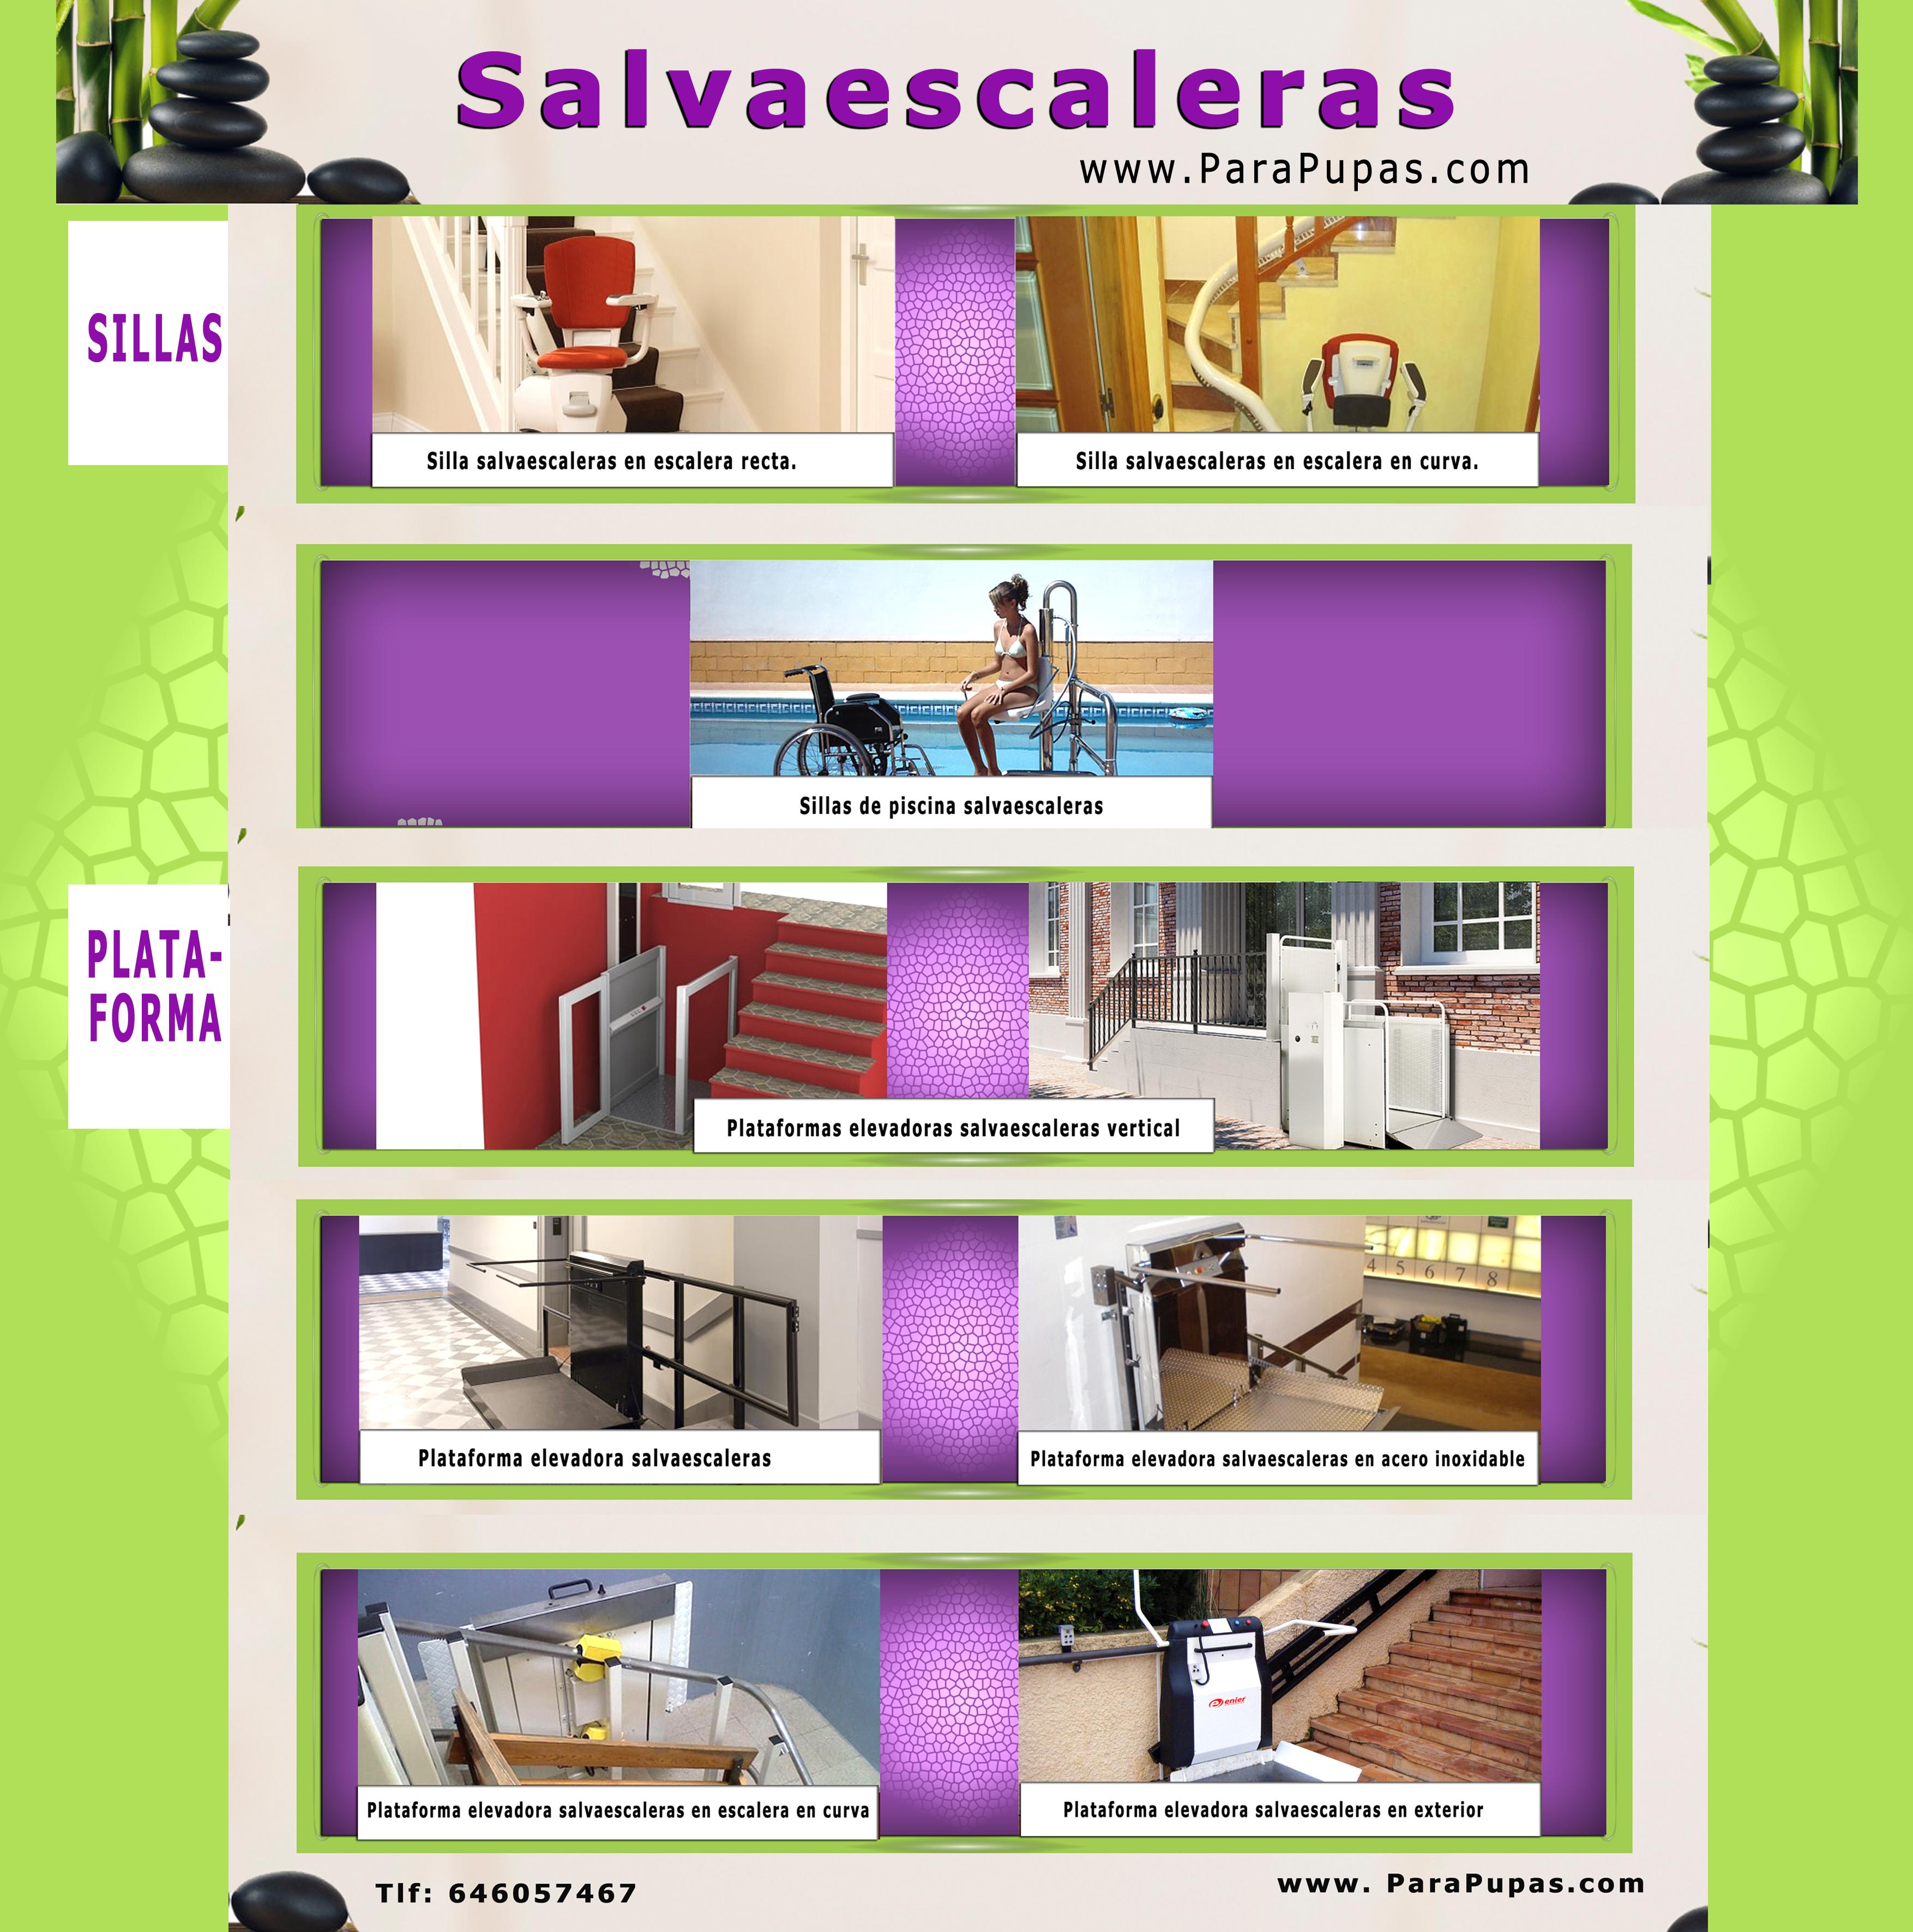 SALVAESCALERAS FOLLETO